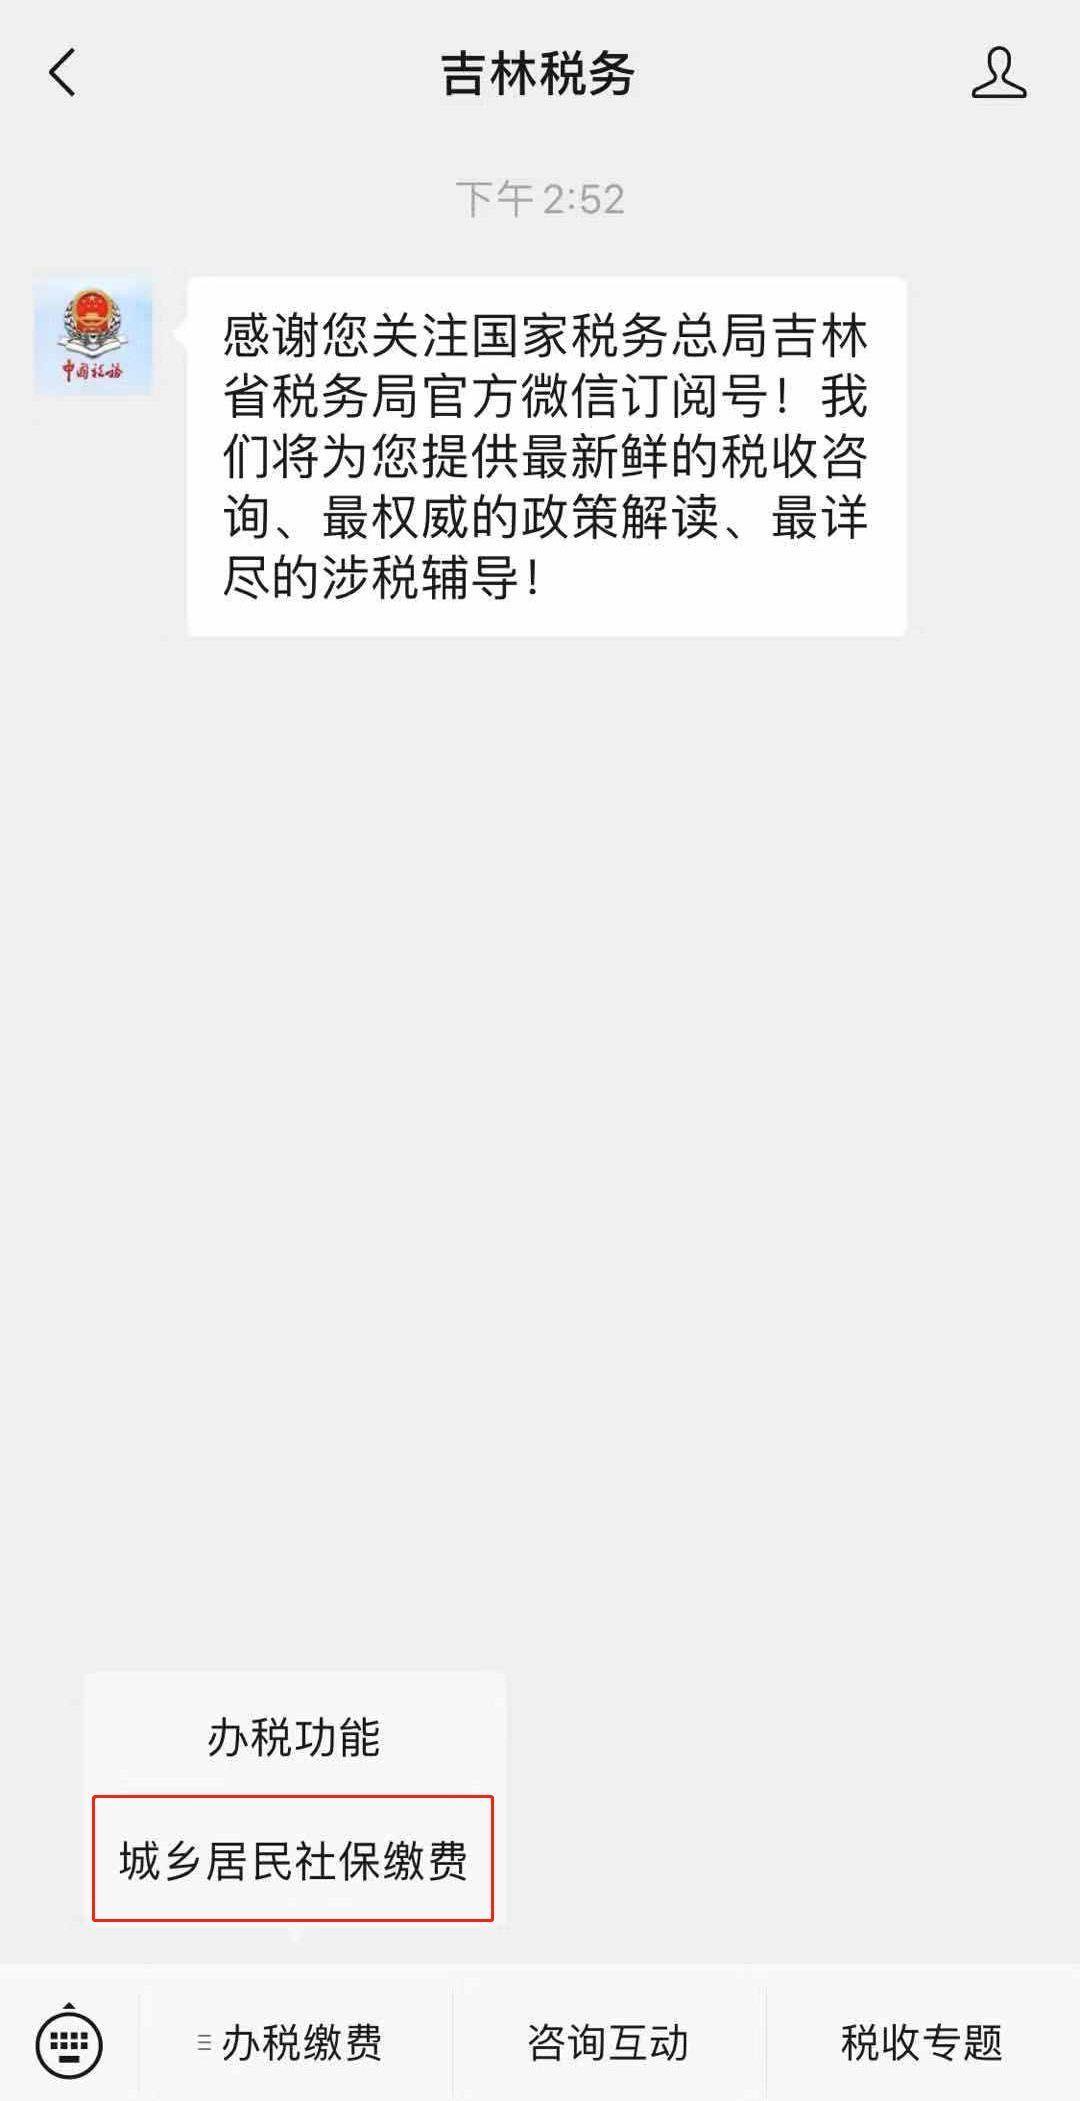 【城事】尚未办妥的抓紧啦!吉林省城乡居民基本医疗保险集中缴费期延期至3月31日